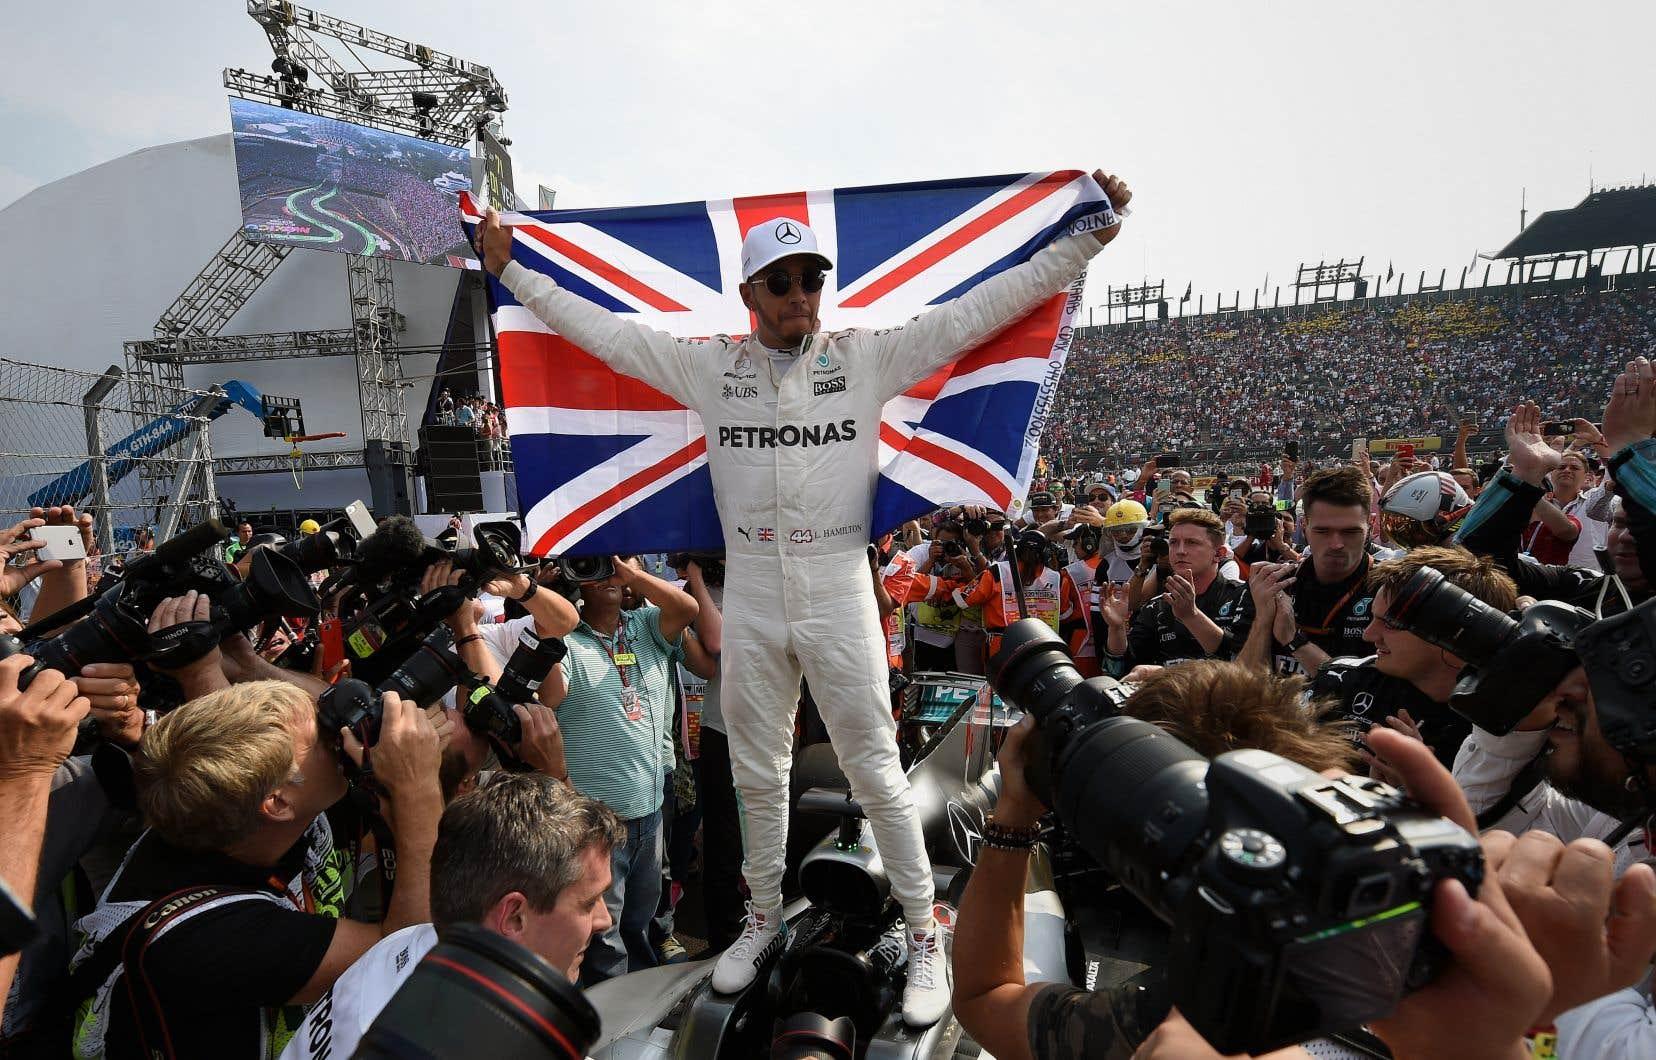 Le pilote Mercedes, Lewis Hamilton